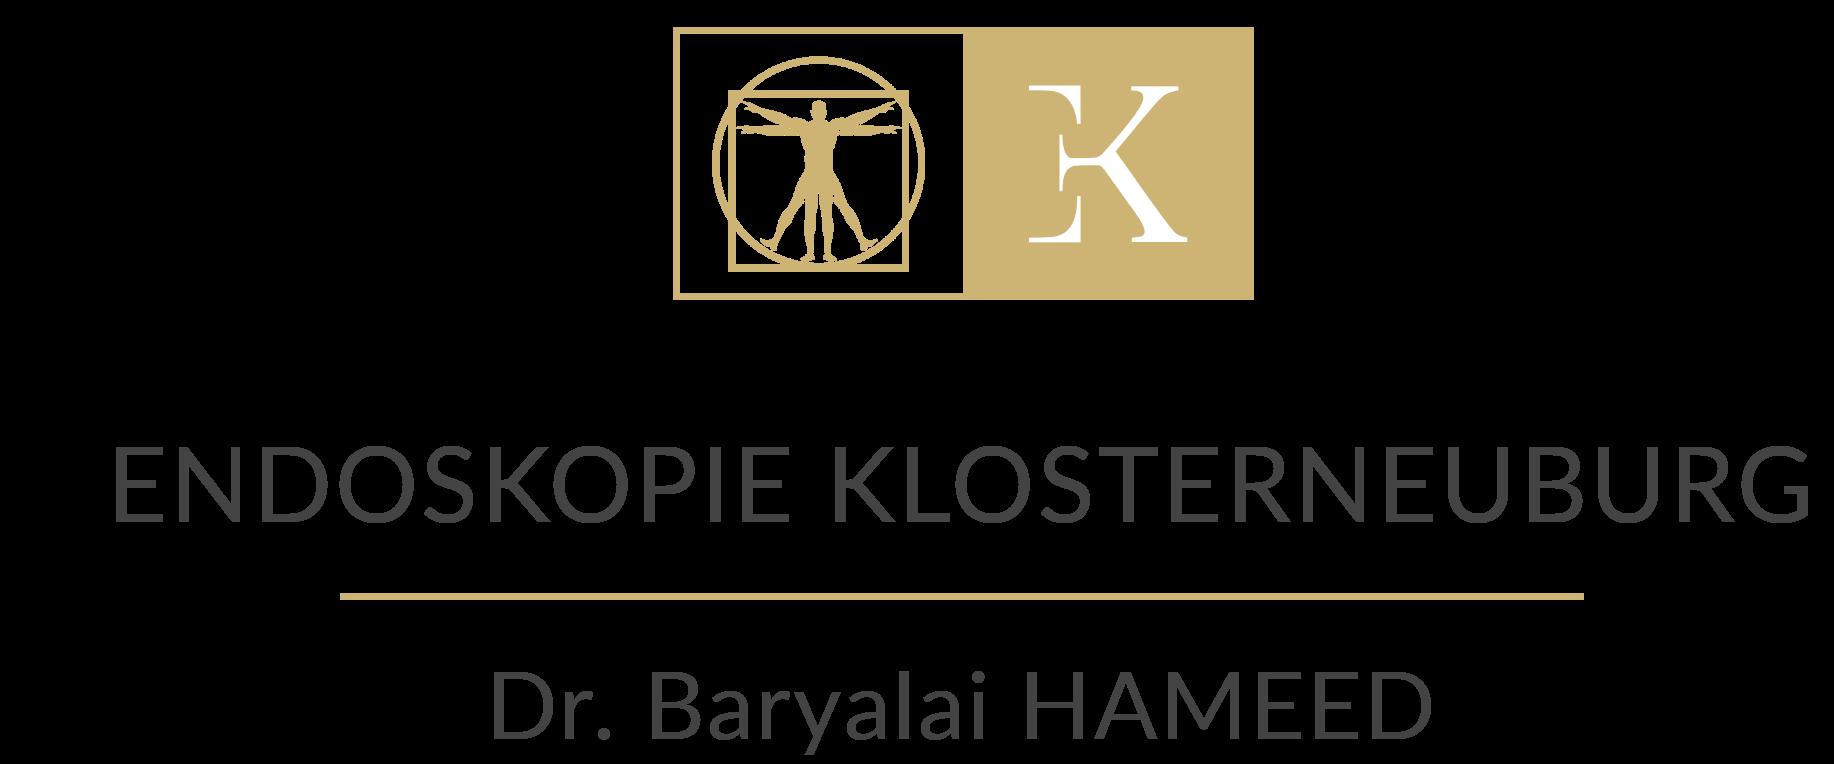 Endoskopie Klosterneuburg